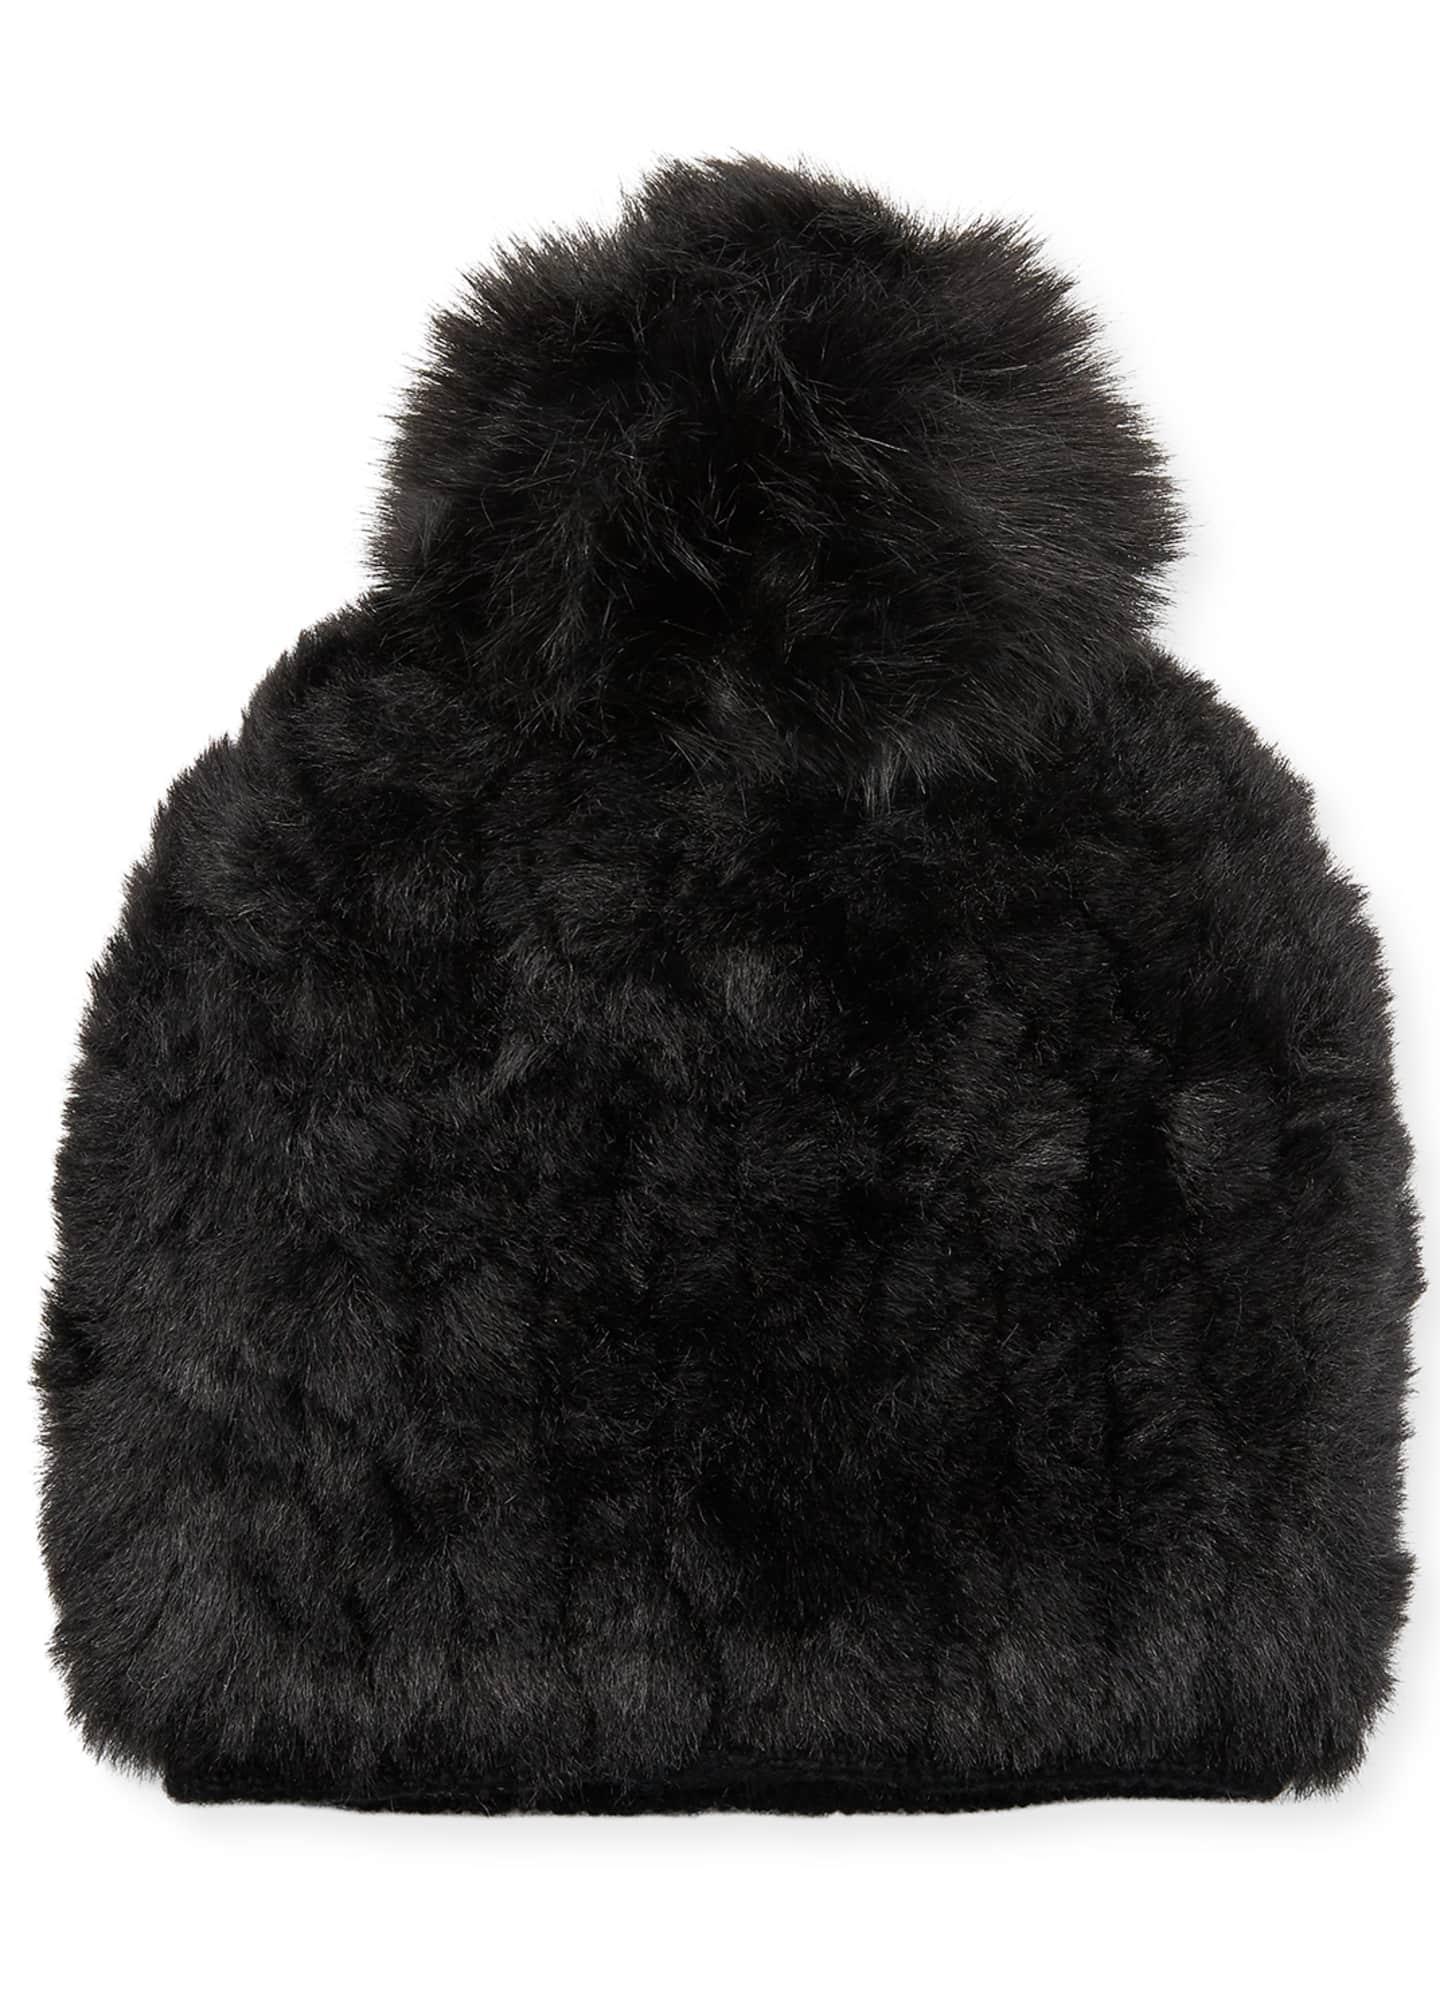 Pia Rossini Faux Fur Beanie Hat